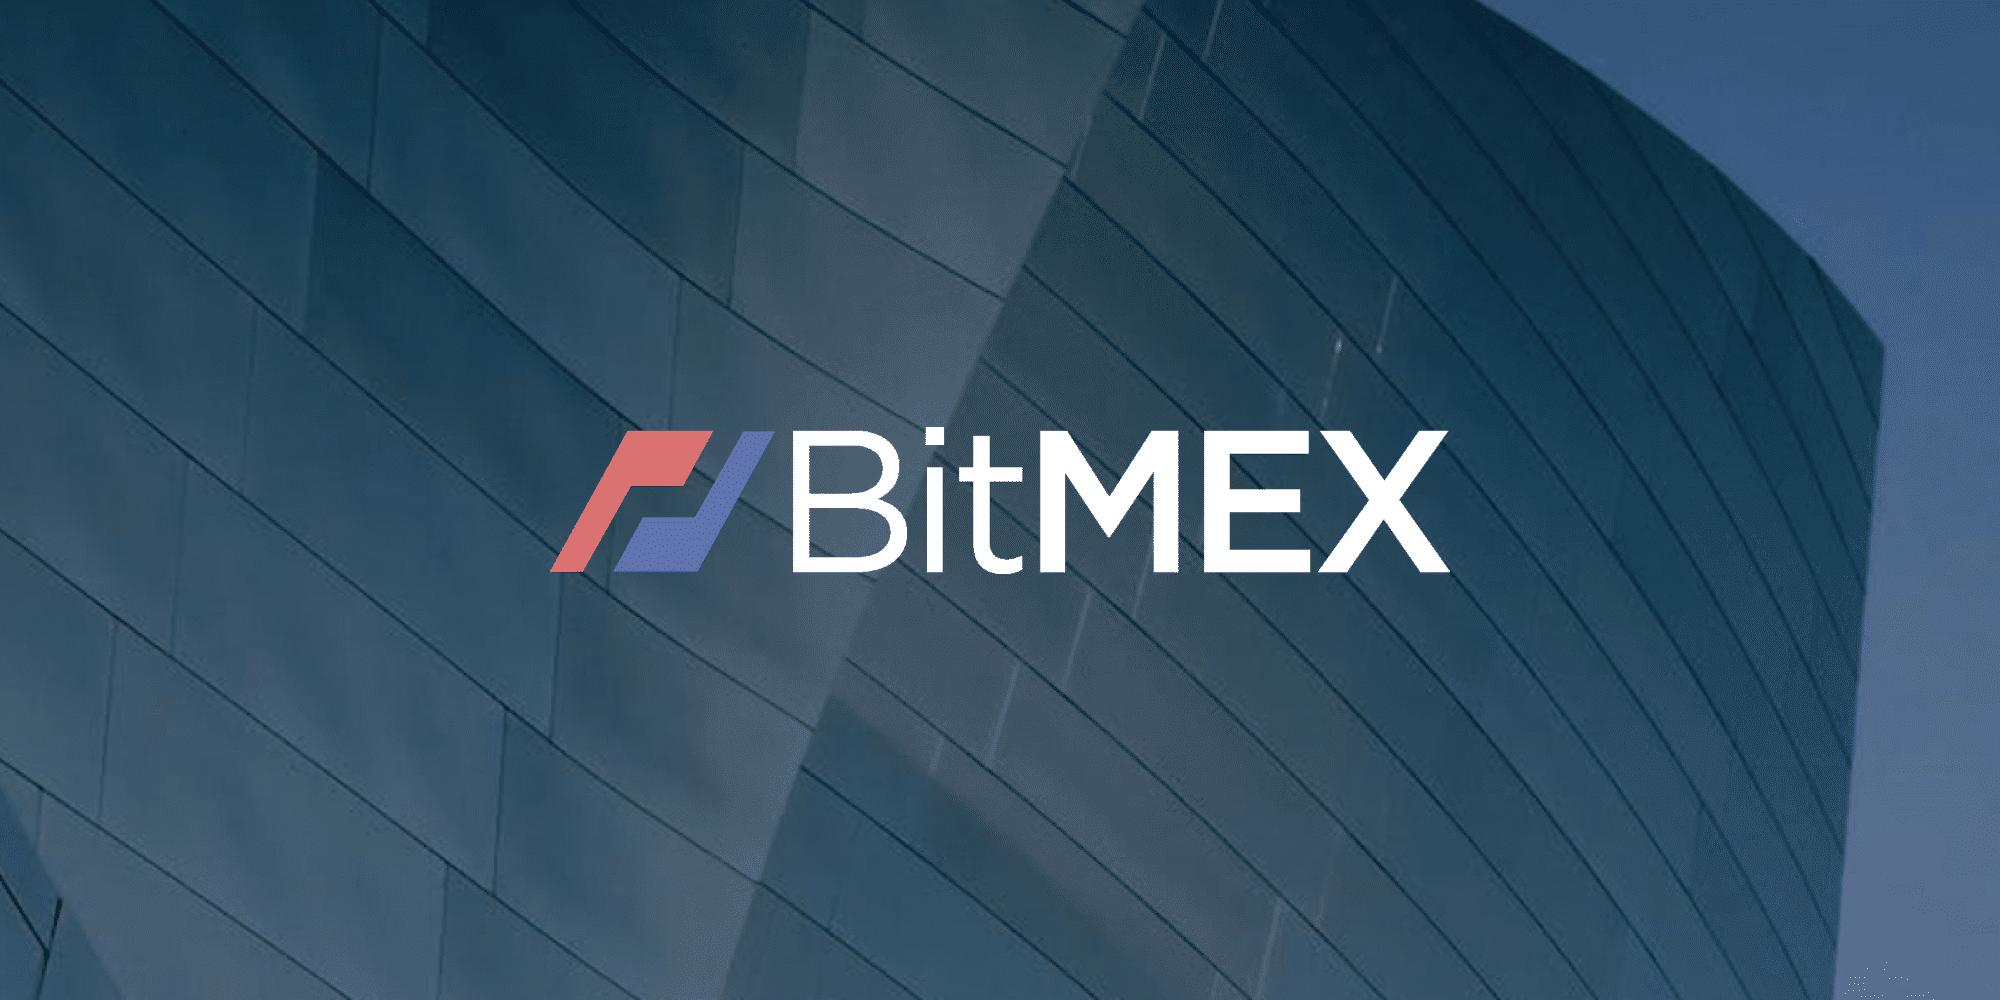 BitMEX: i prelievi stanno facendo aumentare la liquidità di bitcoin del 25%